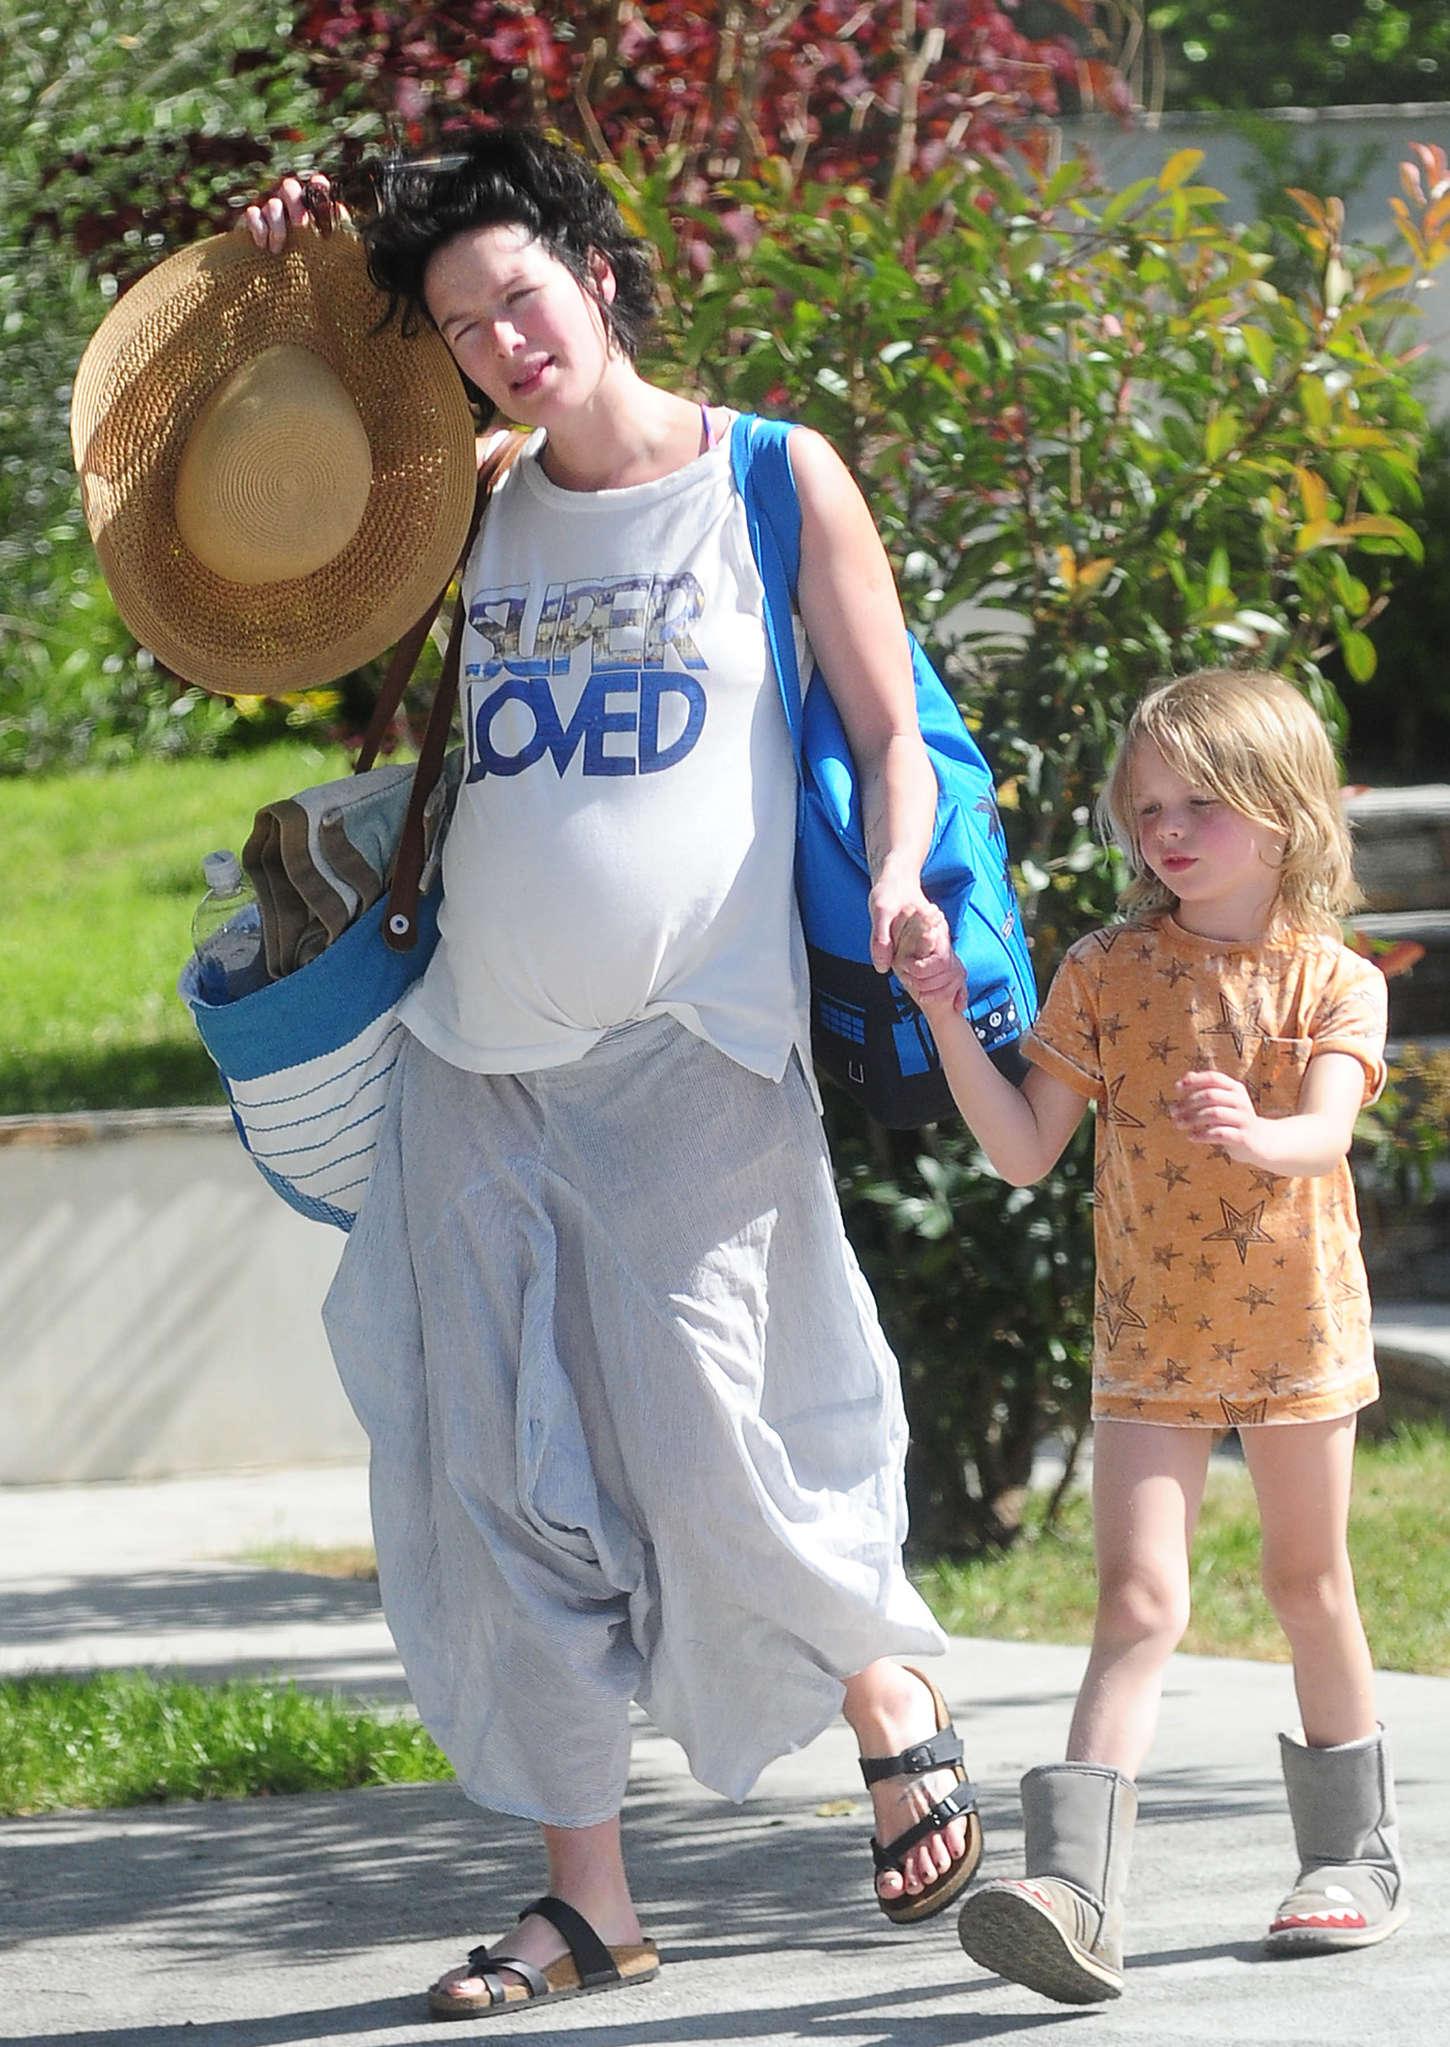 Lena Headey 2015 : Lena Headey: Leaving a pool party with her son -02